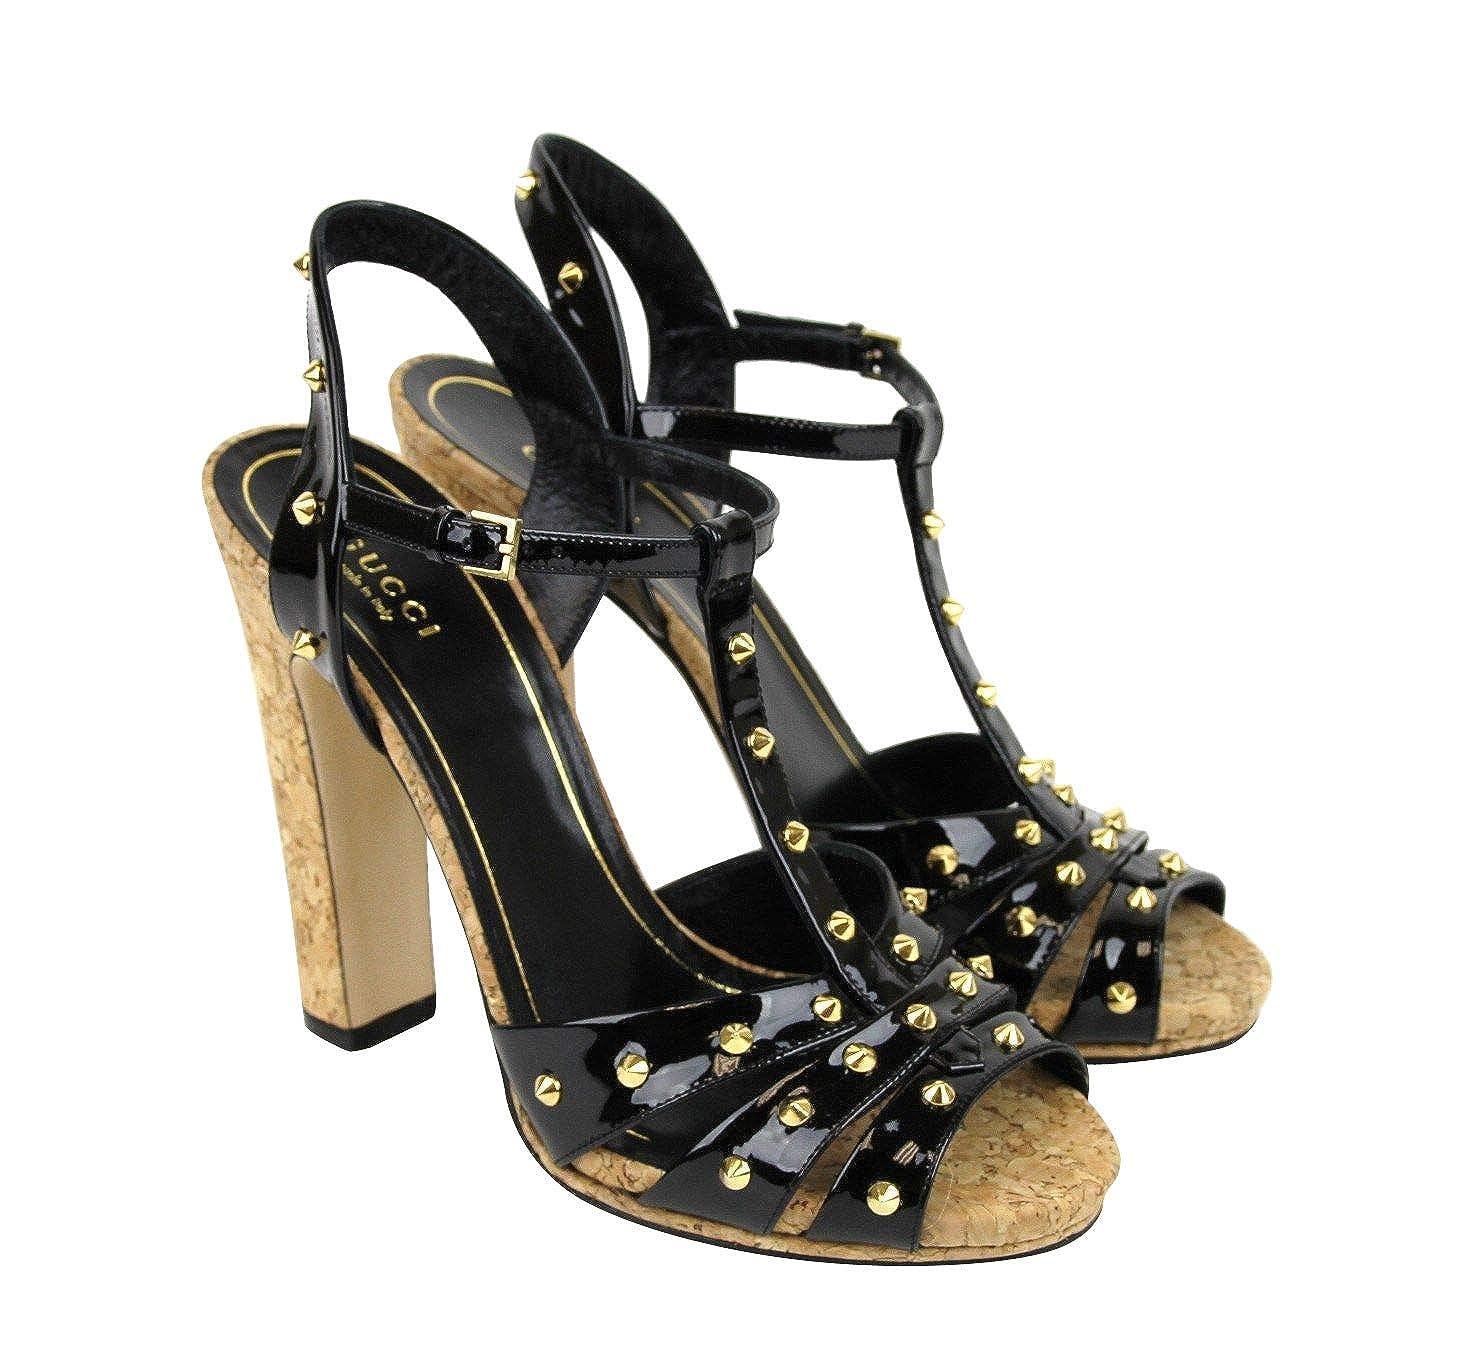 bf9bdfc9aa21 Amazon.com  Gucci Women s Black Jacquelyne Studs Patent Leather Platform  Sandal 310349 1000 (G 38.5   US 8.5)  Shoes